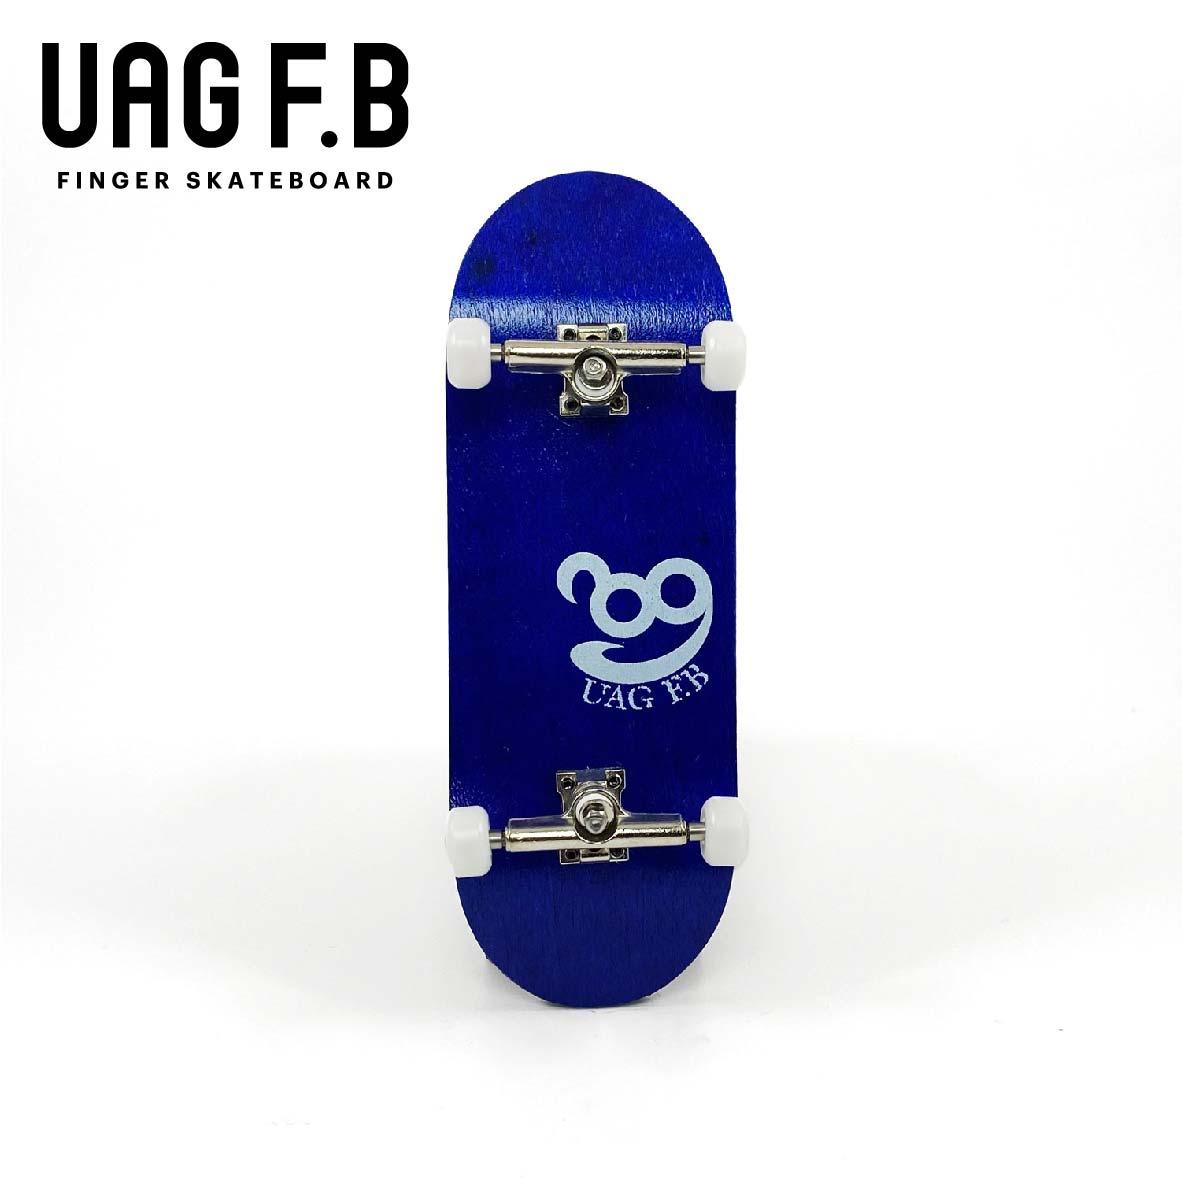 これから始めたい方にオススメ 価格とクオリティーにこだわったUAG F.Bの定番モデル UAG F.B 《UAG コンプリート》 Simple finger 安い 激安 プチプラ 高品質 新作 board -slim skate 青 ver- 指スケ